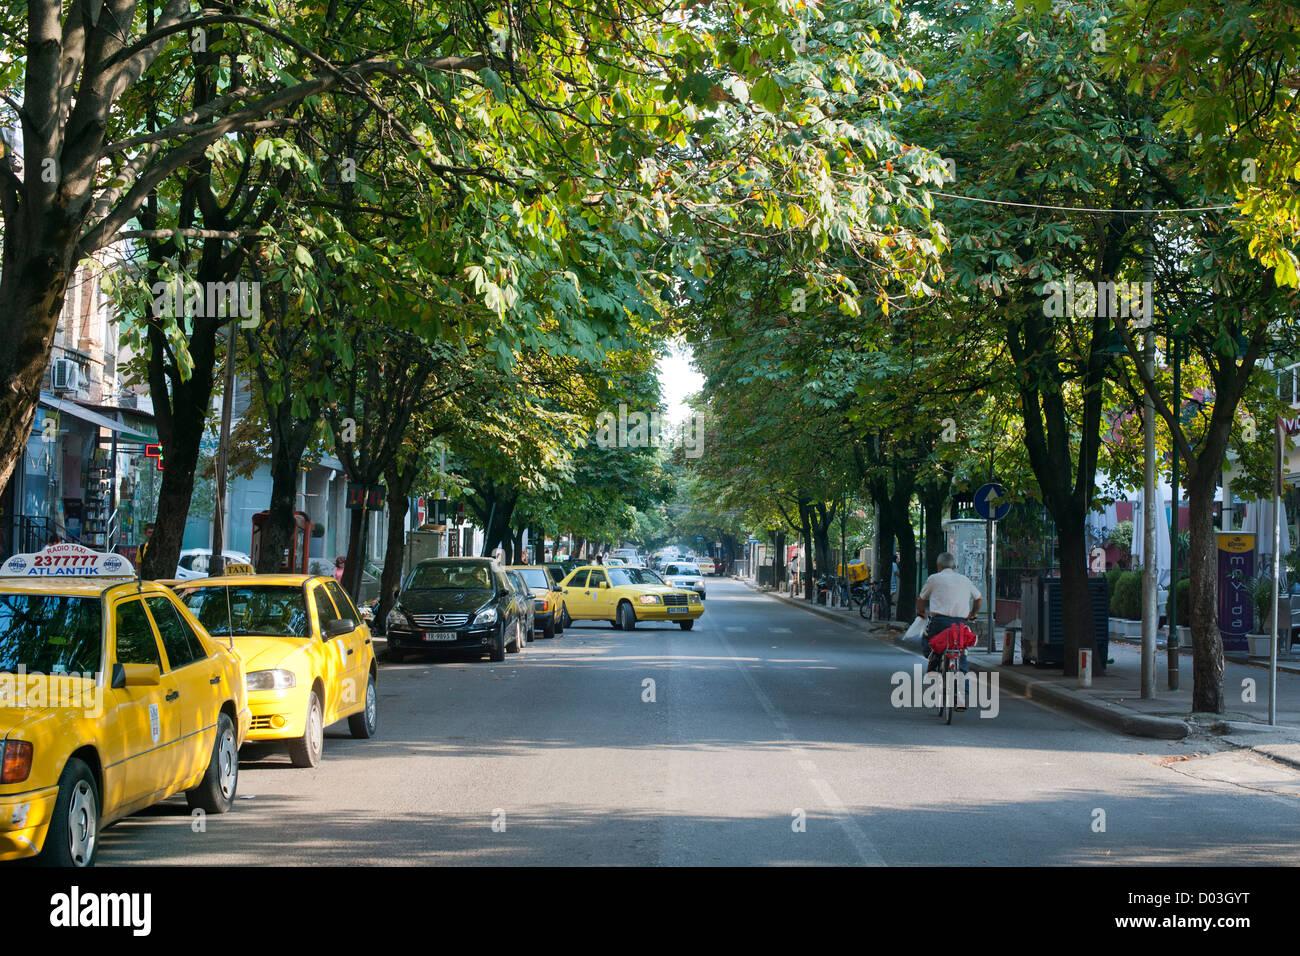 Tree-lined avenue in Tirana, the capital of Albania. - Stock Image